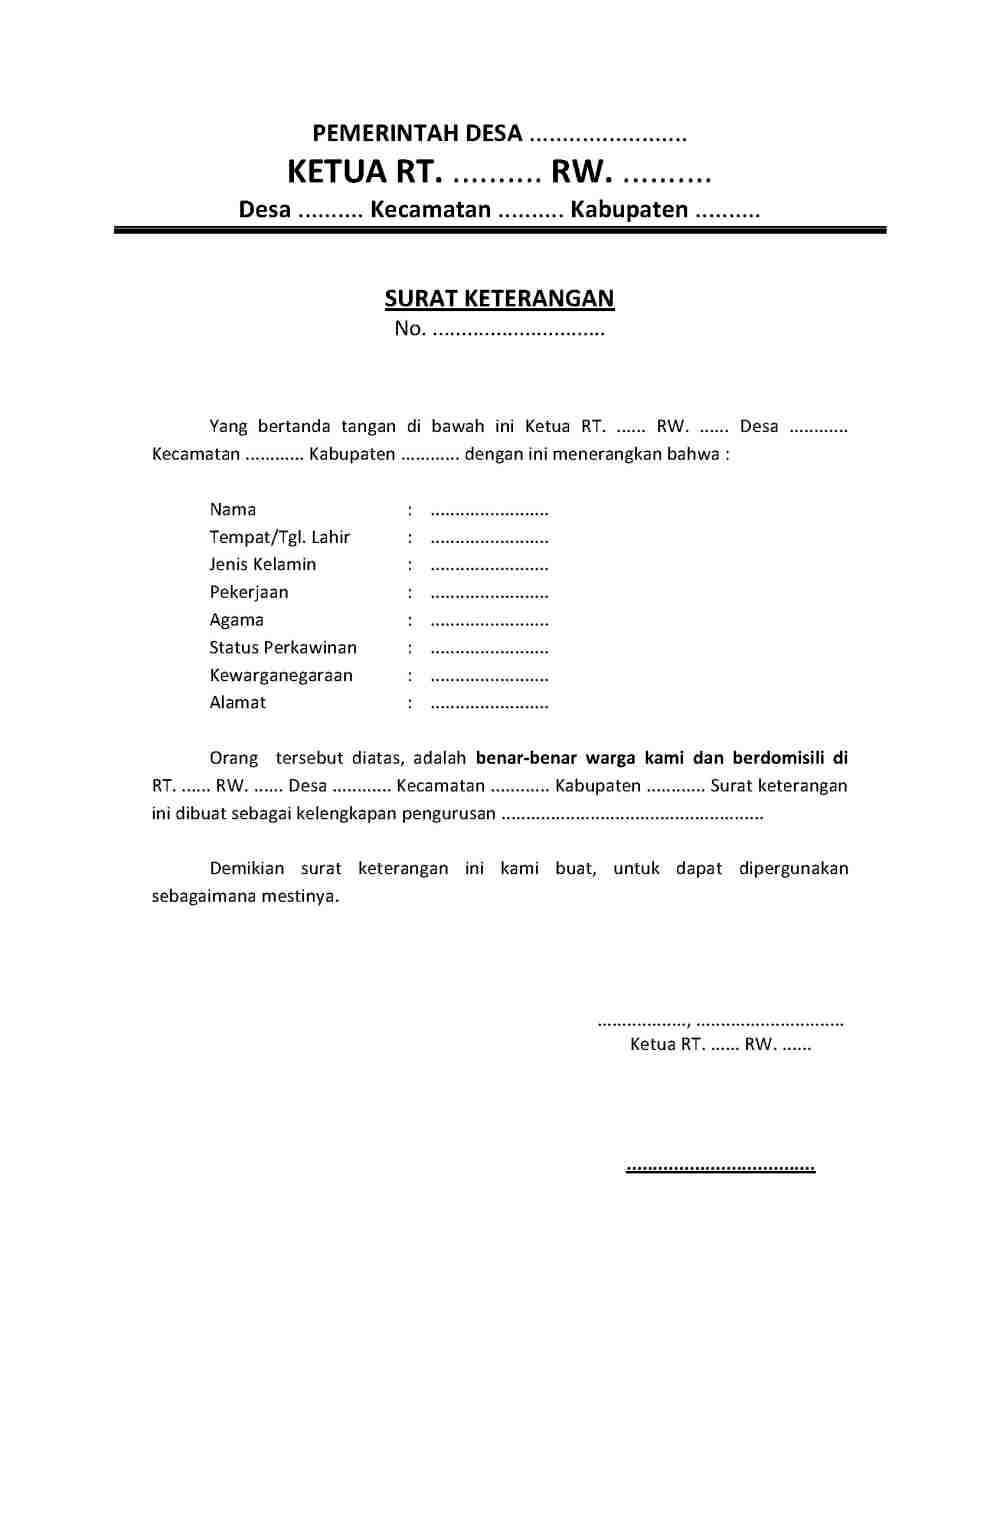 3. Contoh Surat Keterangan Domisili Dari RT